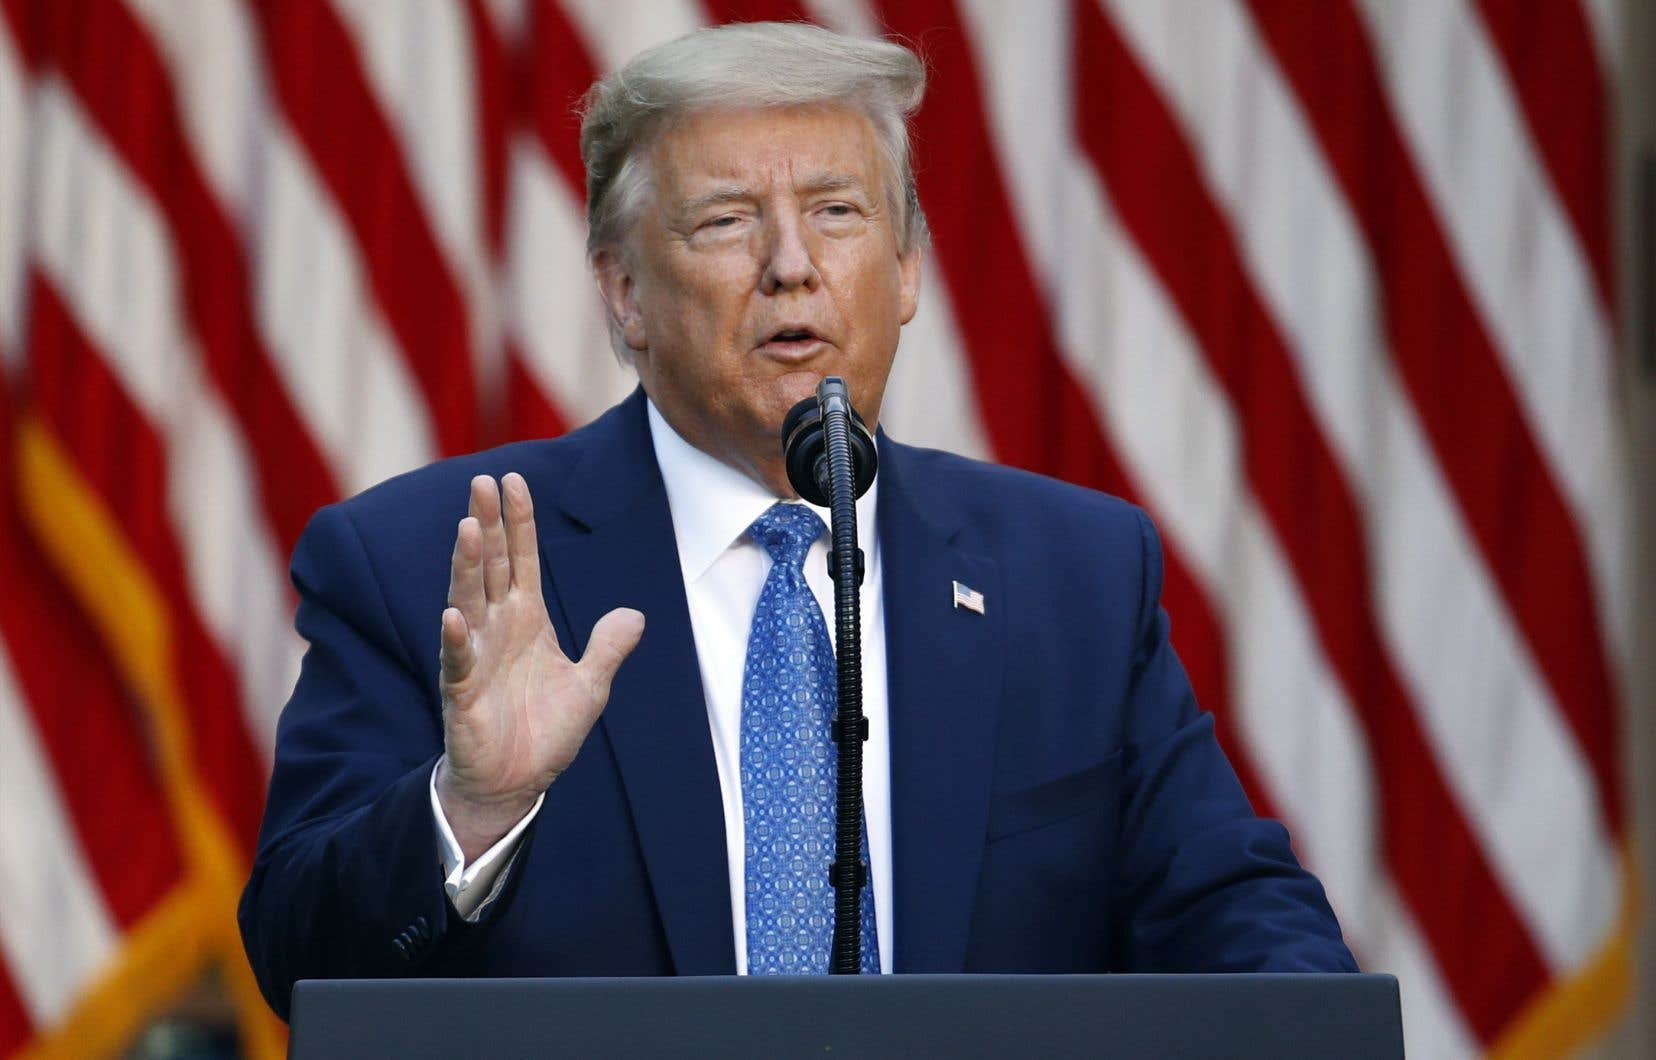 Le président des États-Unis, Donald Trump,a notamment annoncé d'un ton martial le déploiement de «milliers de soldats lourdement armés» et policiers à Washington pour mettre un terme «aux émeutes»et «aux pillages».